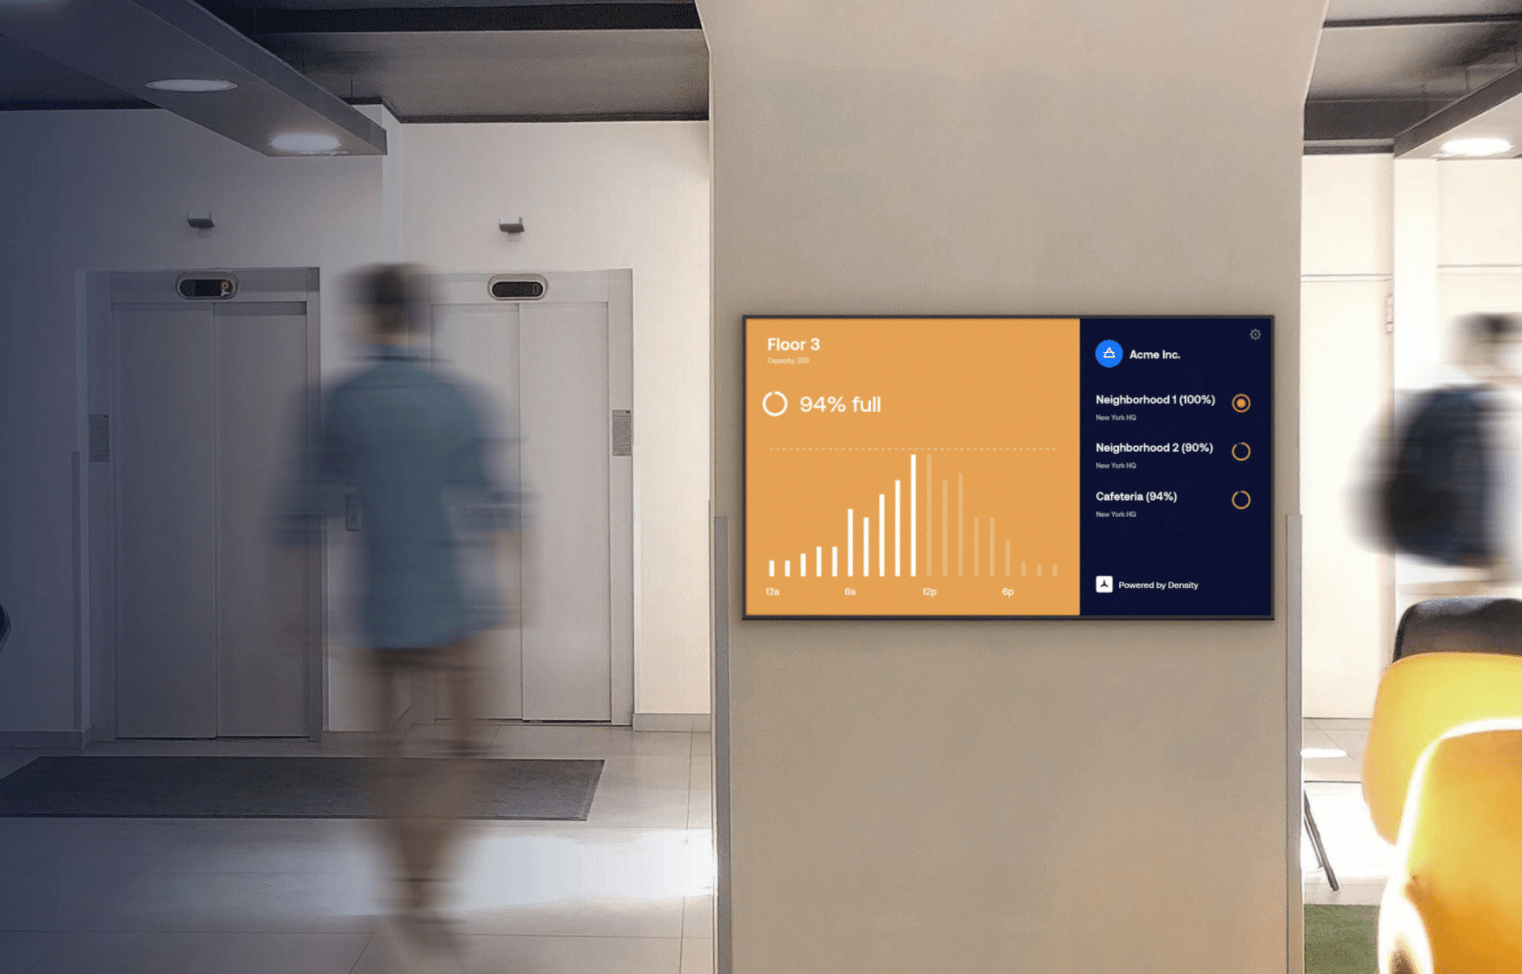 應對全新辦公模式 Zoom Rooms 推全新功能支援流動裝置配對